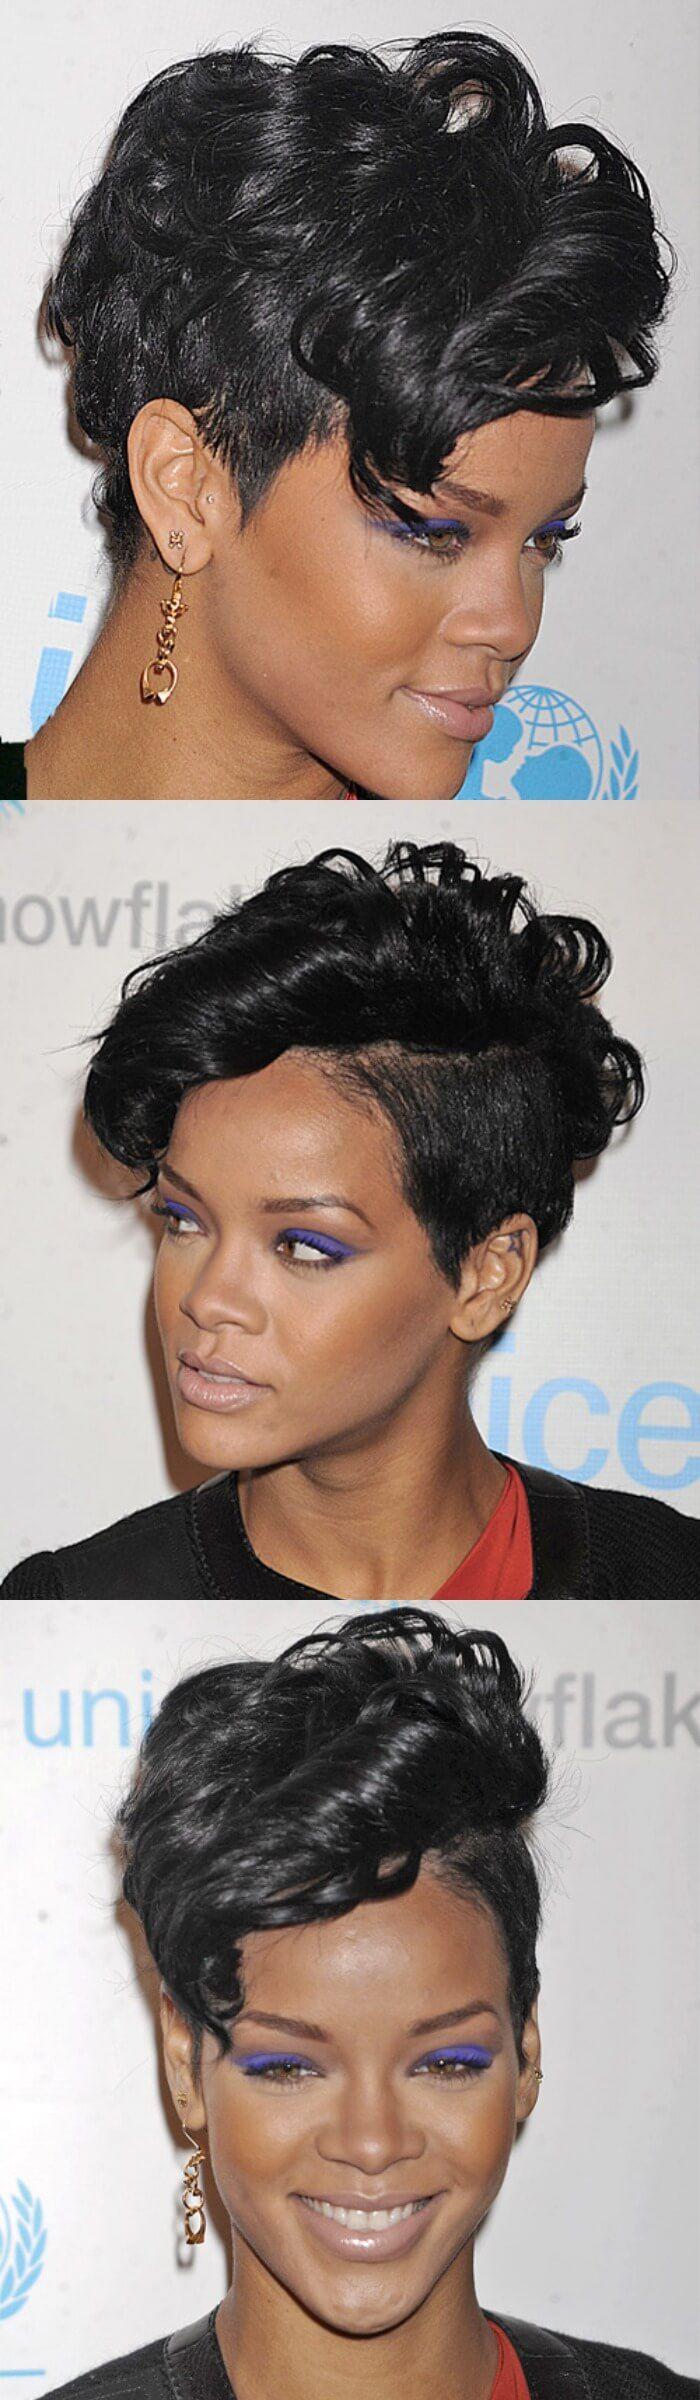 24. Wellenförmige Alternative Hinterschnitt Frisur für kurzes schwarz gefärbt…